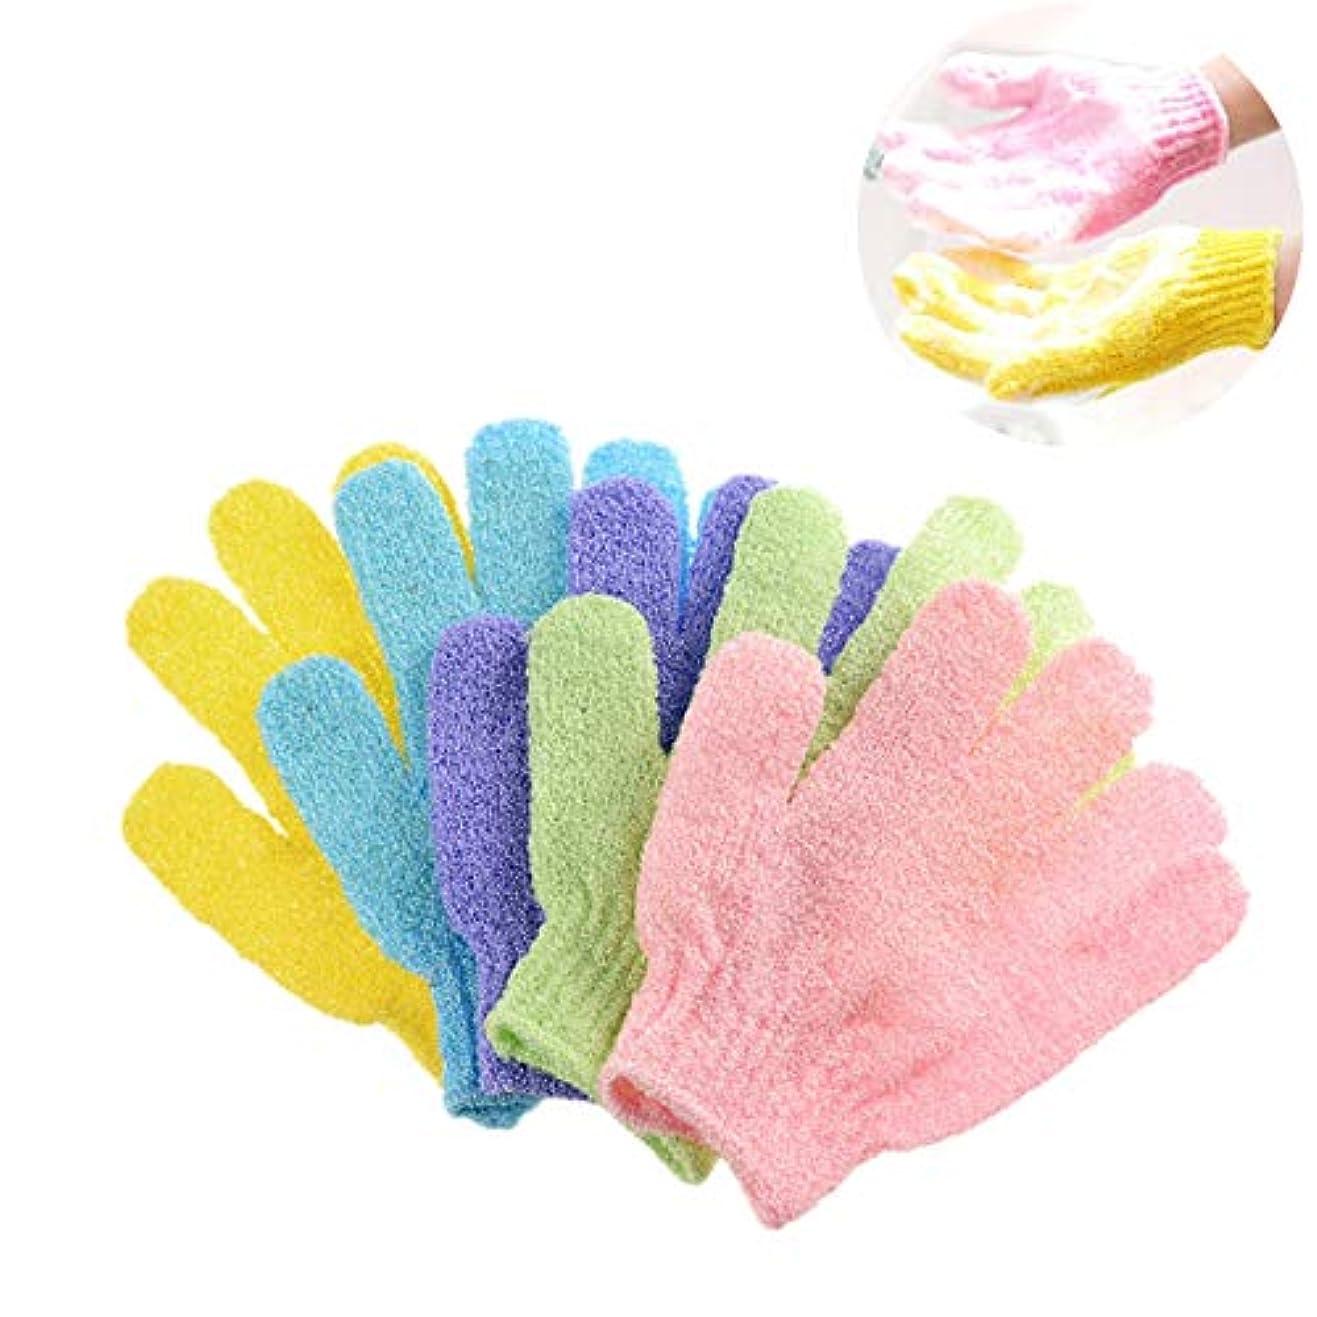 ボトルネックインペリアルKingsie 浴用手袋 10枚セット(5ペア) ボディウォッシュ手袋 お風呂手袋 角質除去 角質取り 泡立ち 垢すり グローブ